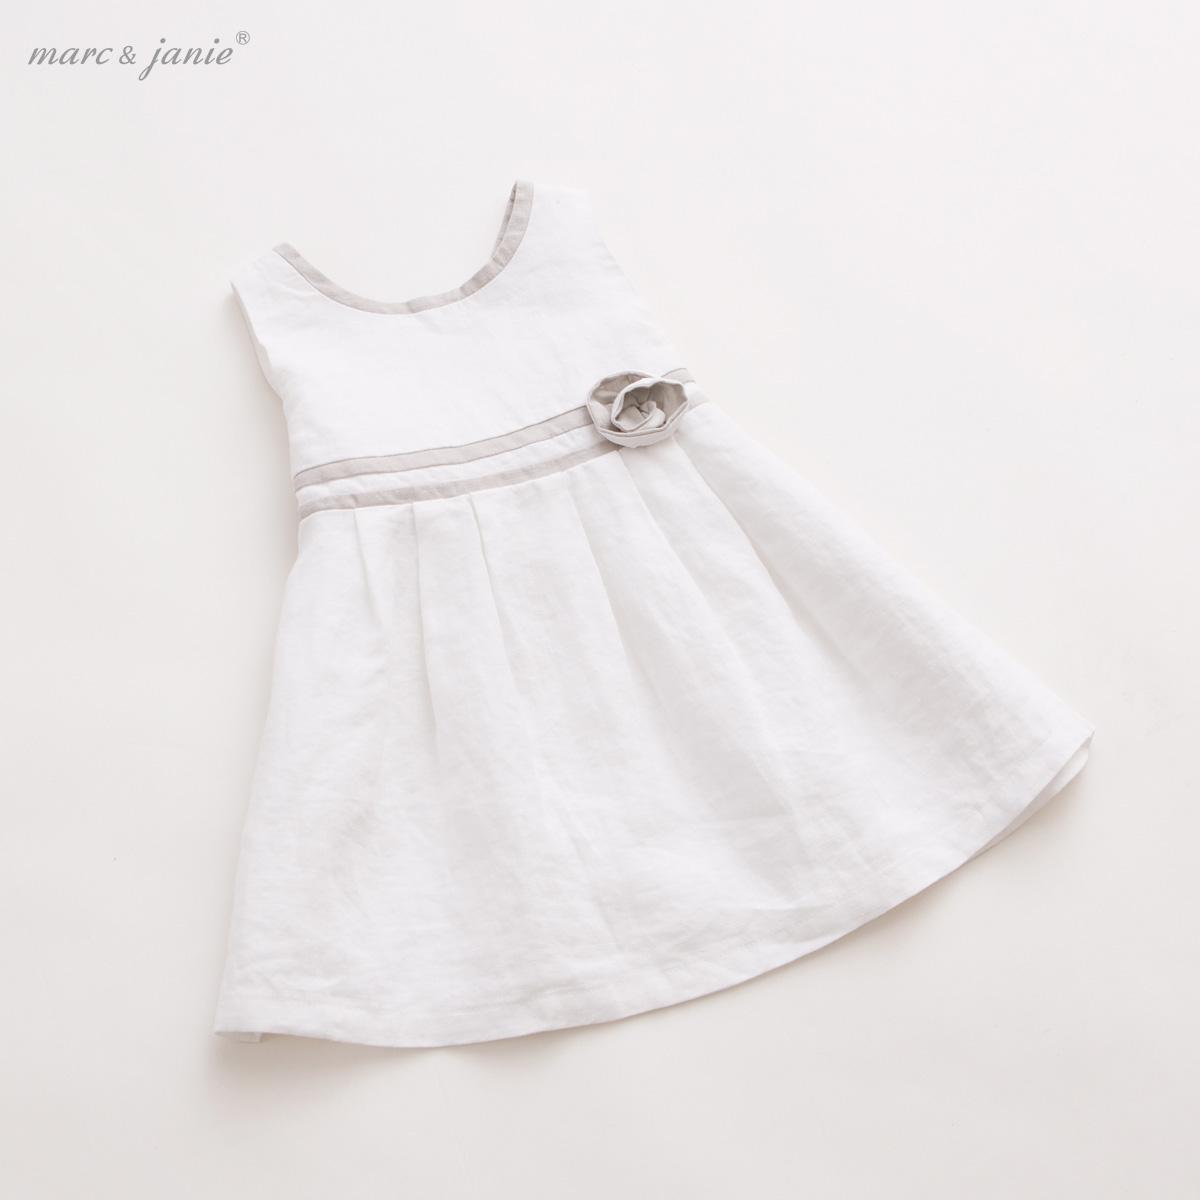 馬克珍妮 2016夏裝 女童棉麻公主裙 寶寶嬰兒連衣裙子15317